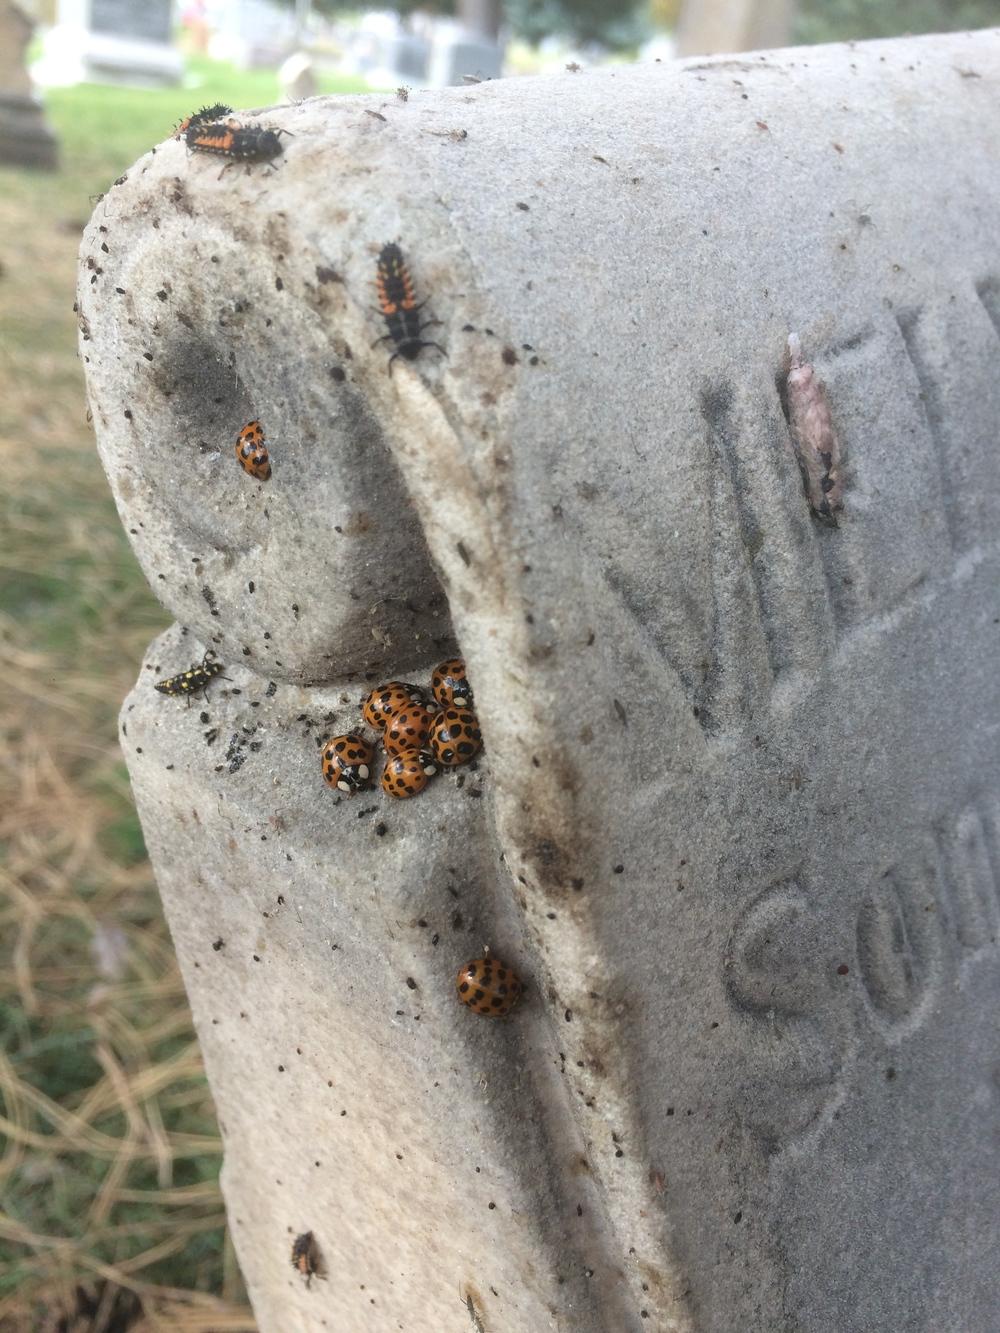 a ladybug haunt